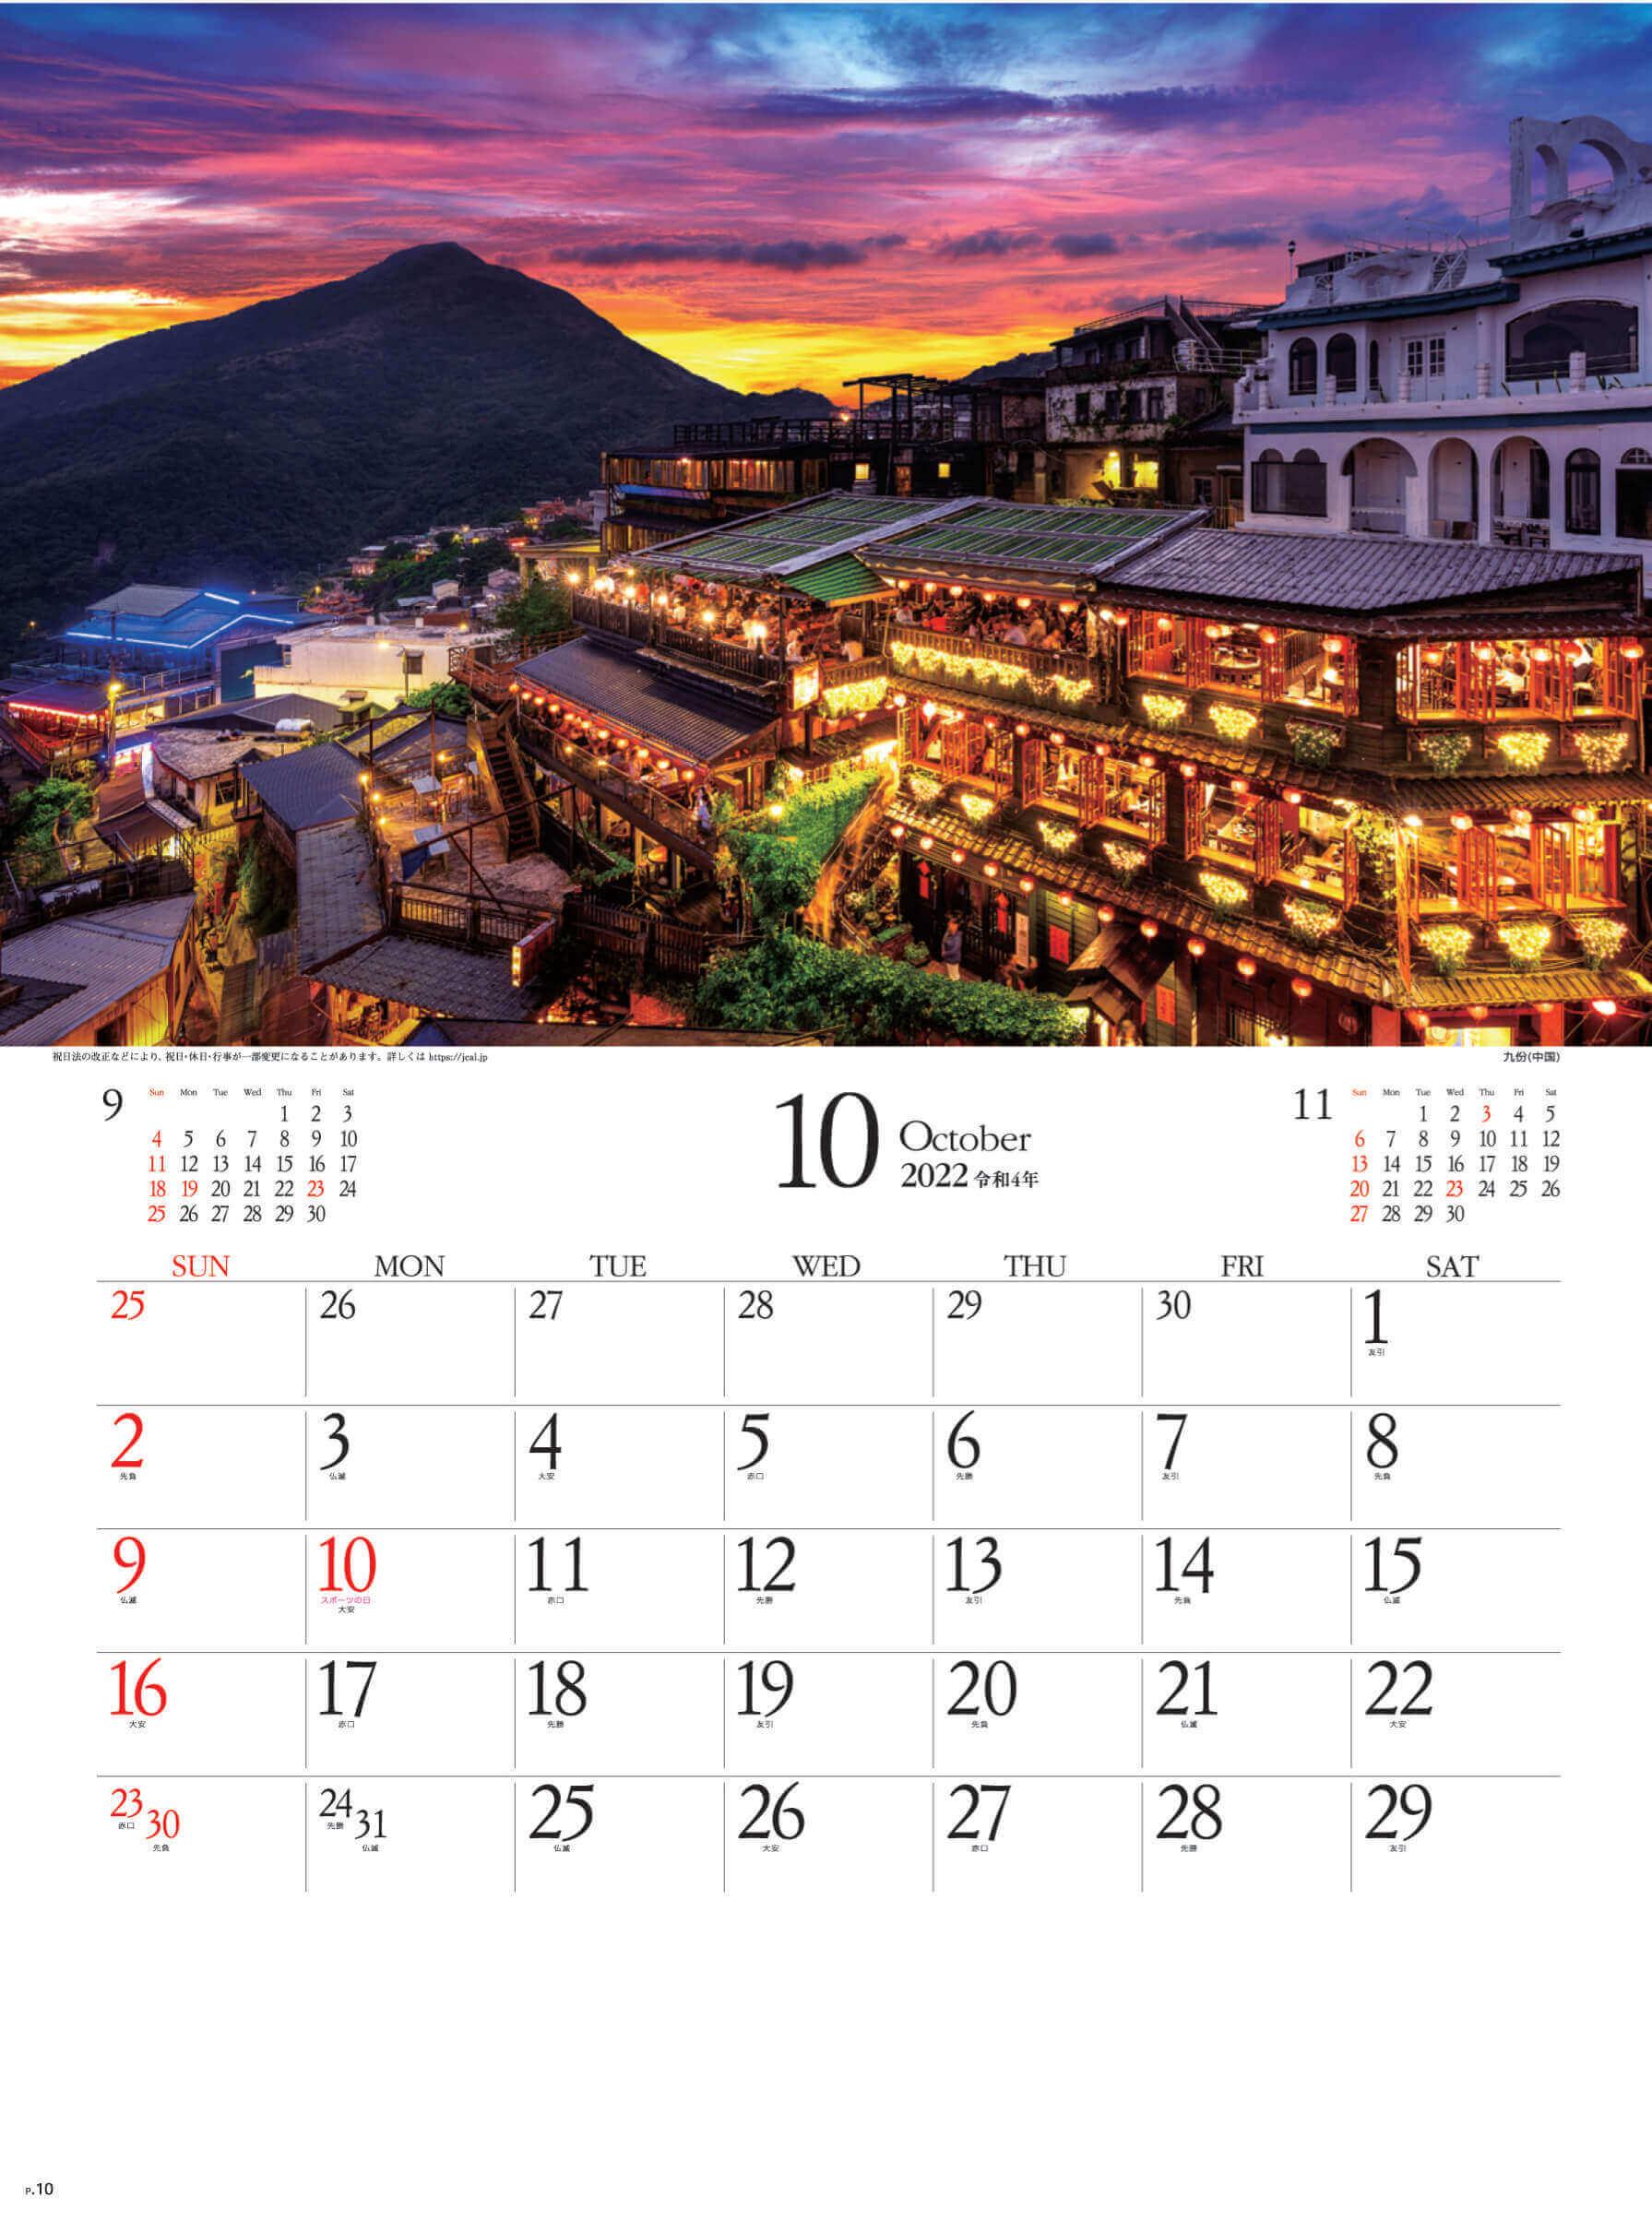 10月 九份 中国 エンドレスシティ・世界の夜景 2022年カレンダーの画像